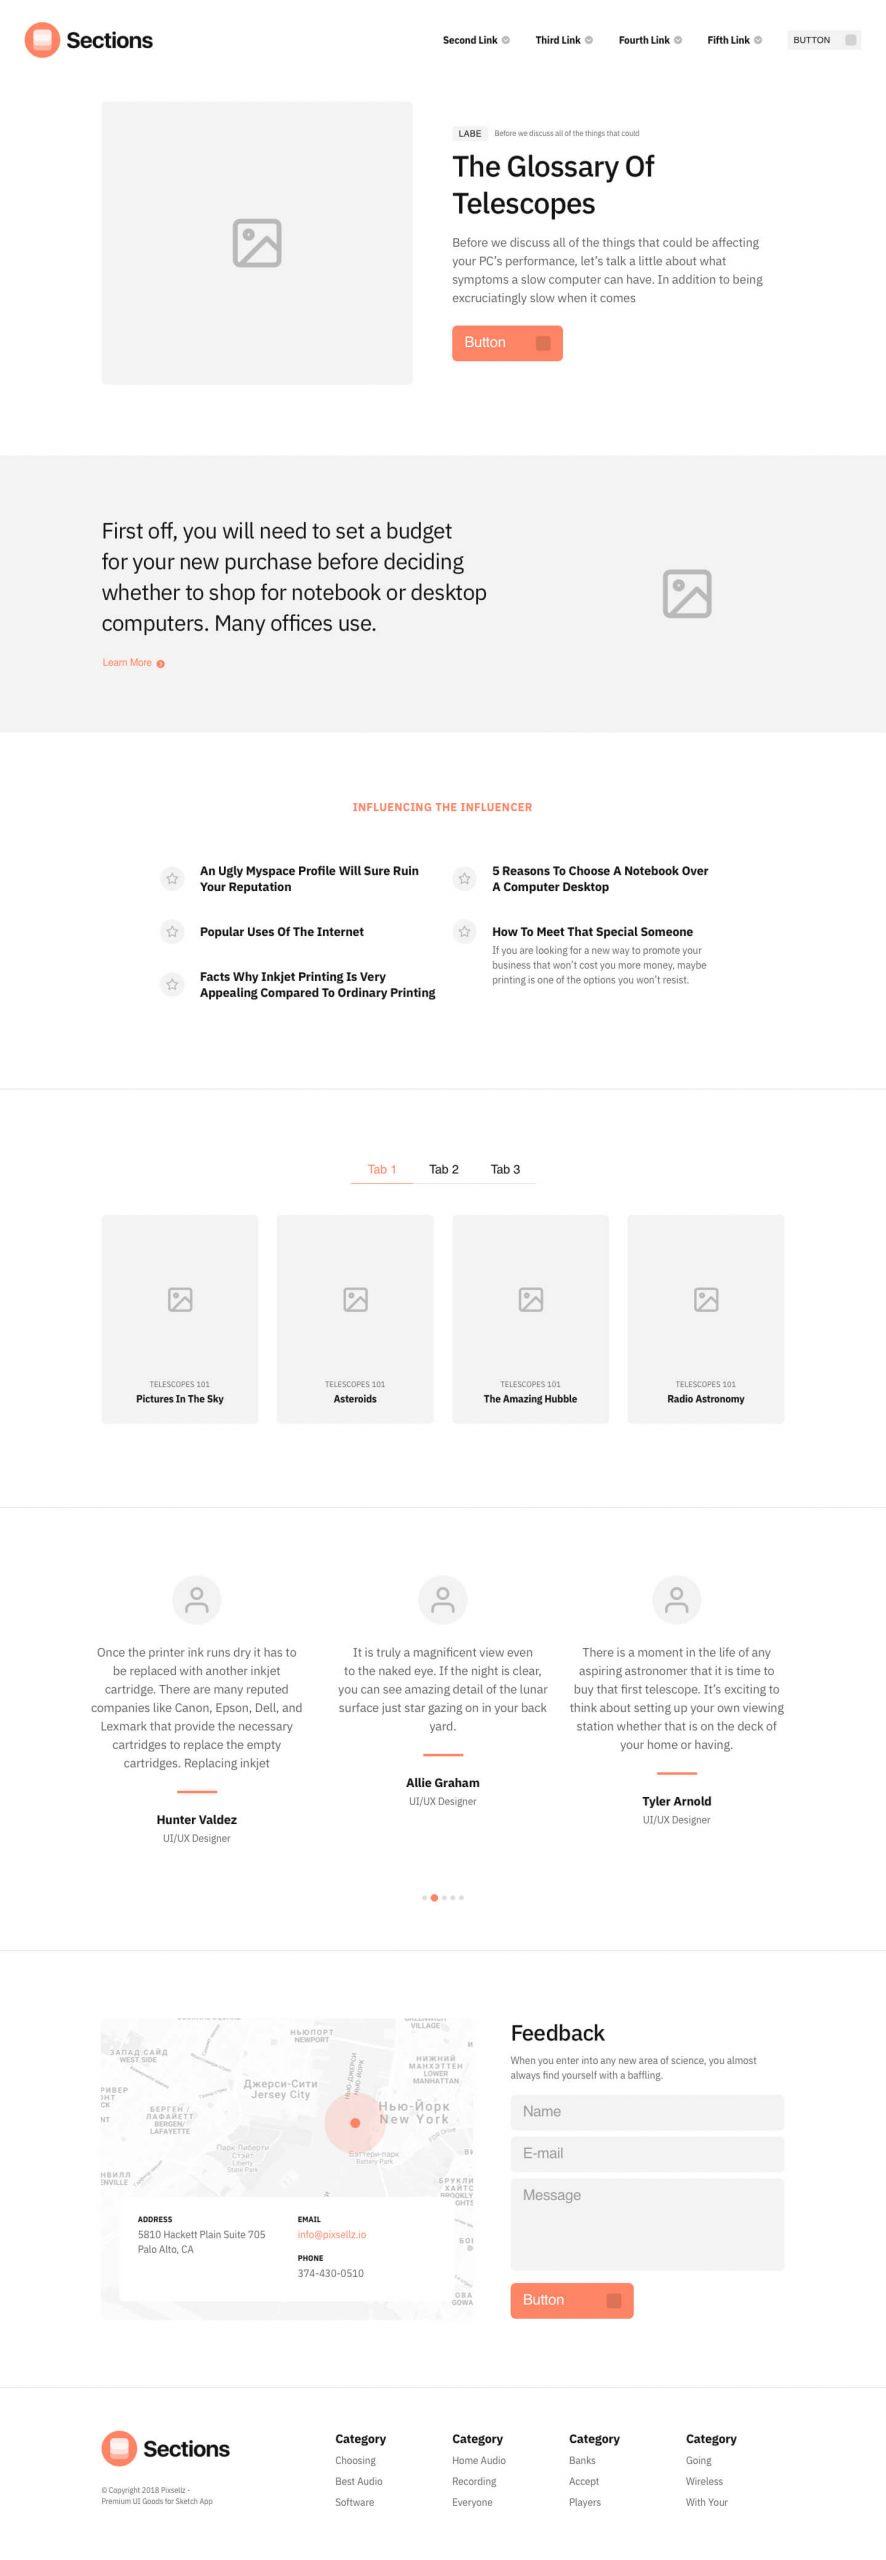 Landing Page Wireframe Kit Free - UI Freebies